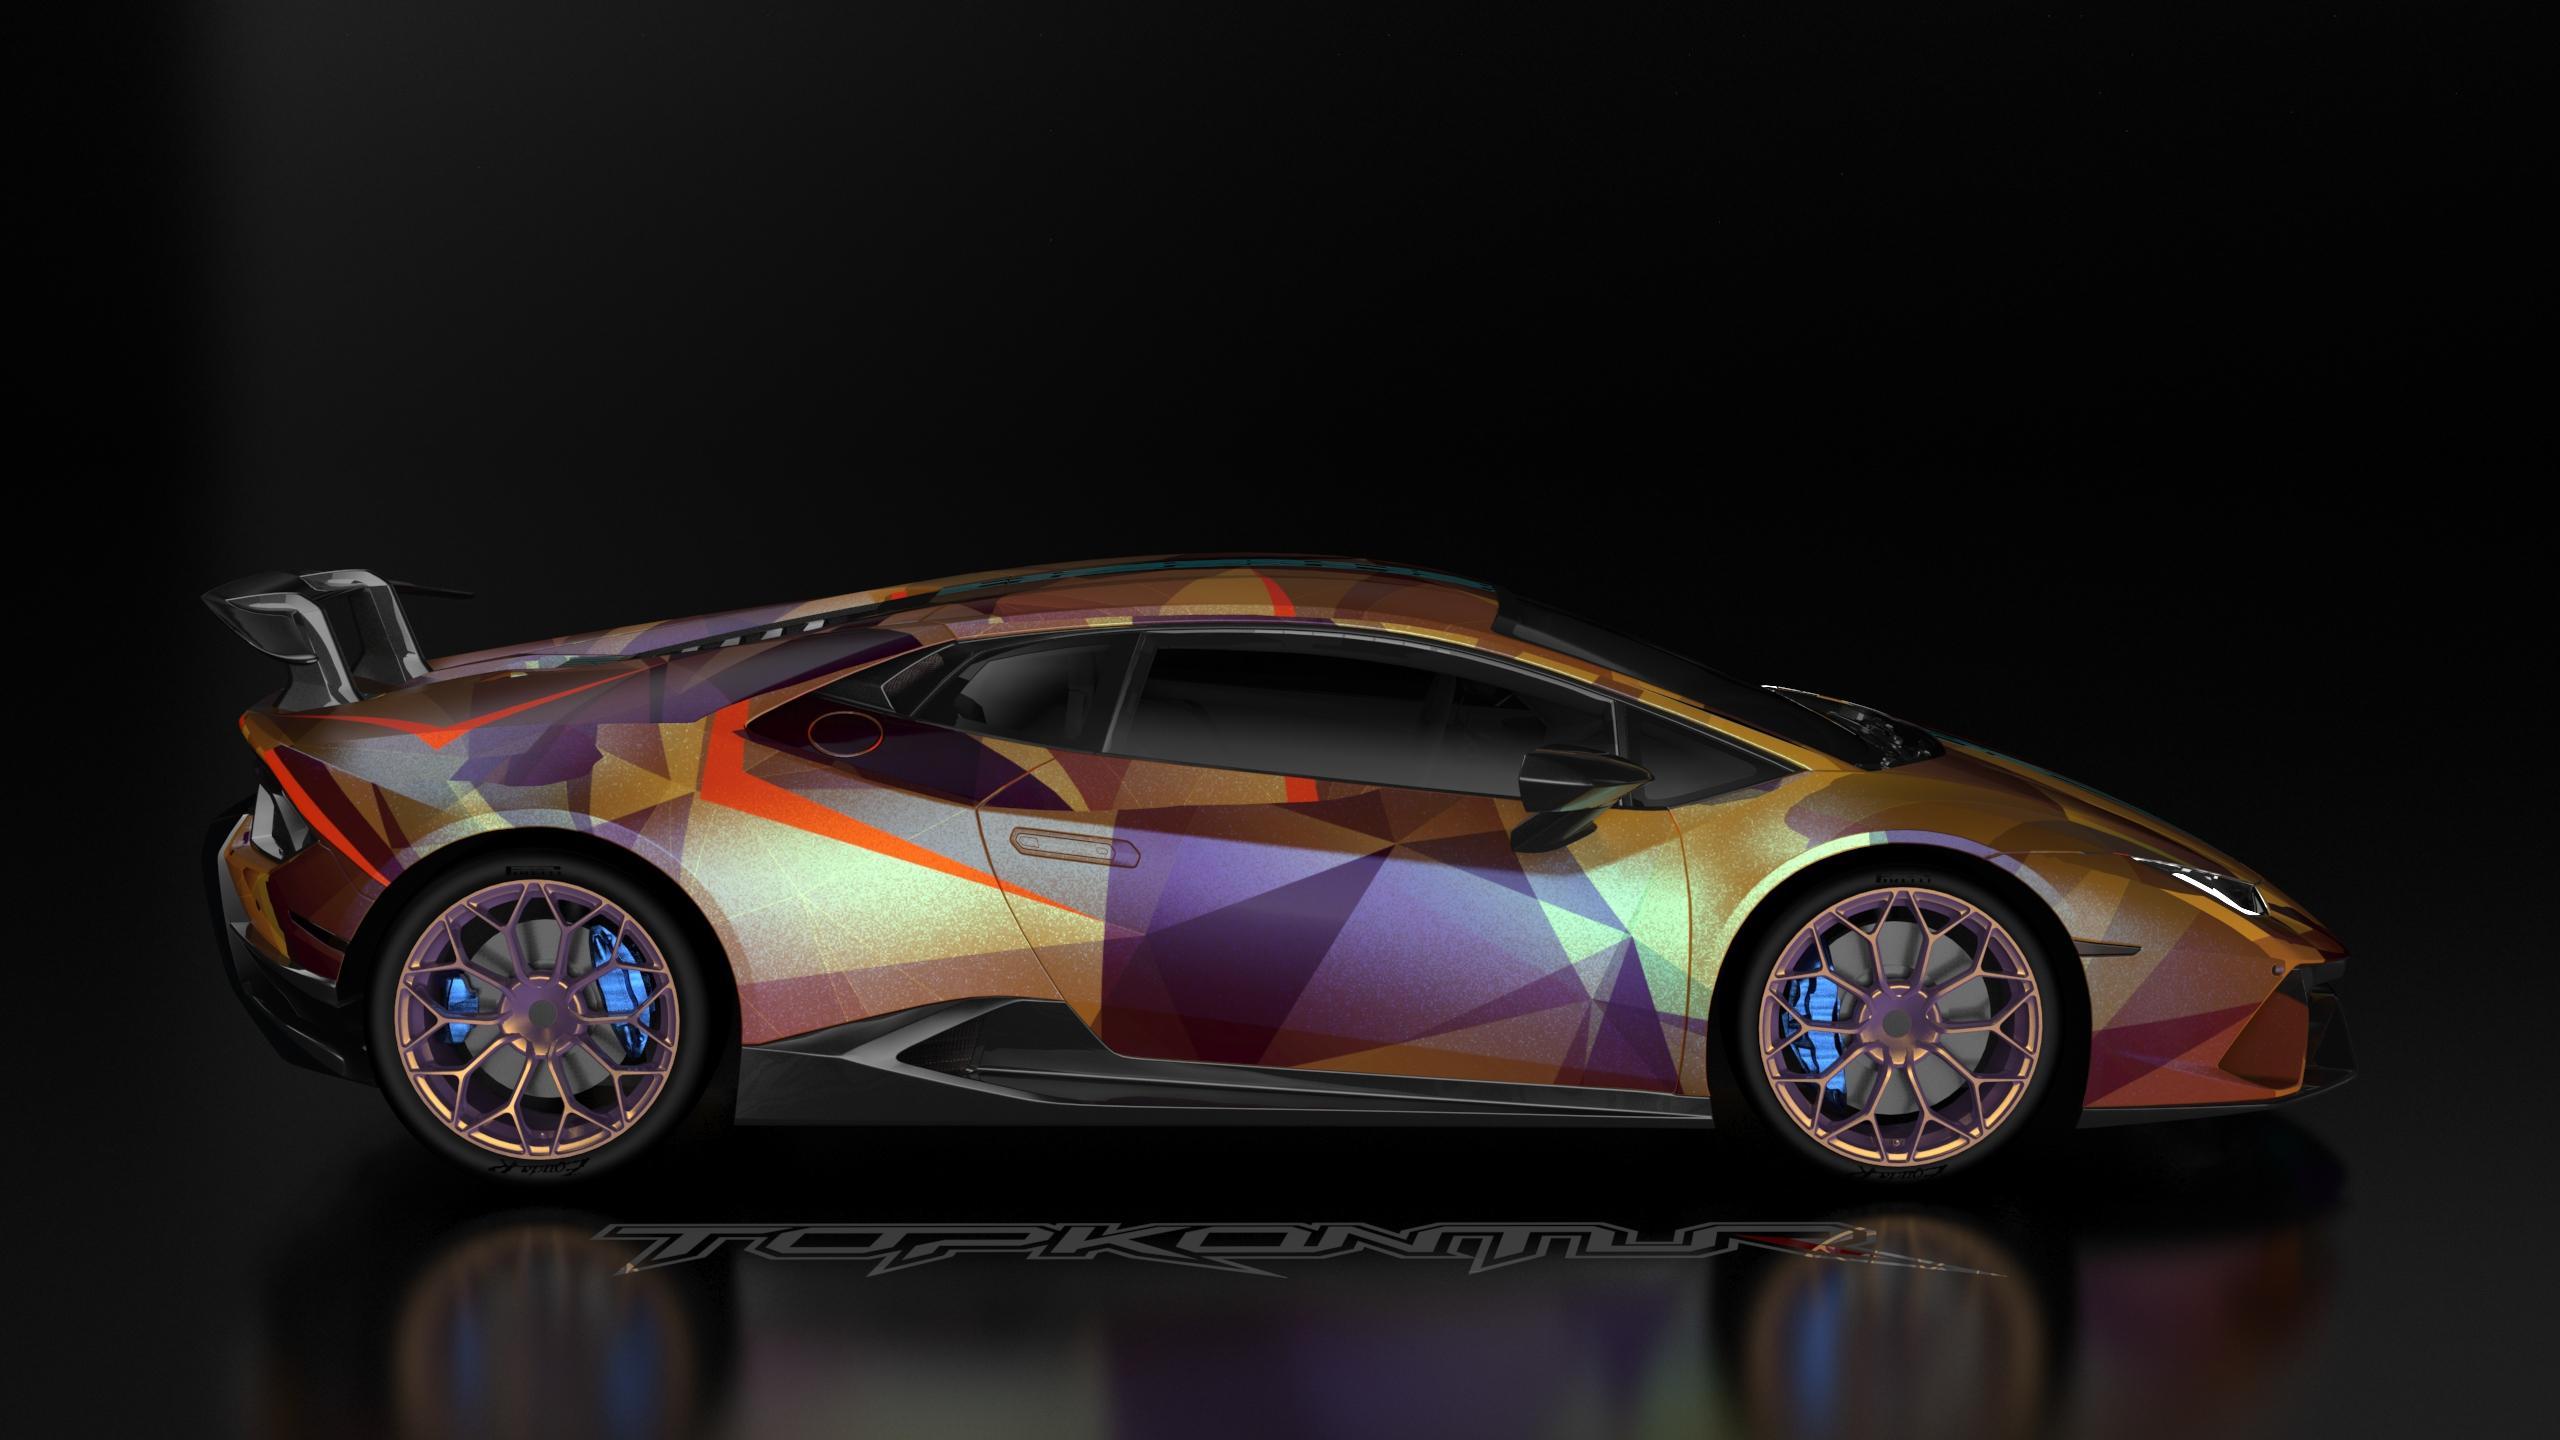 Gold And Wine Lamborghini Huracan Car, HD Cars, 4k ...